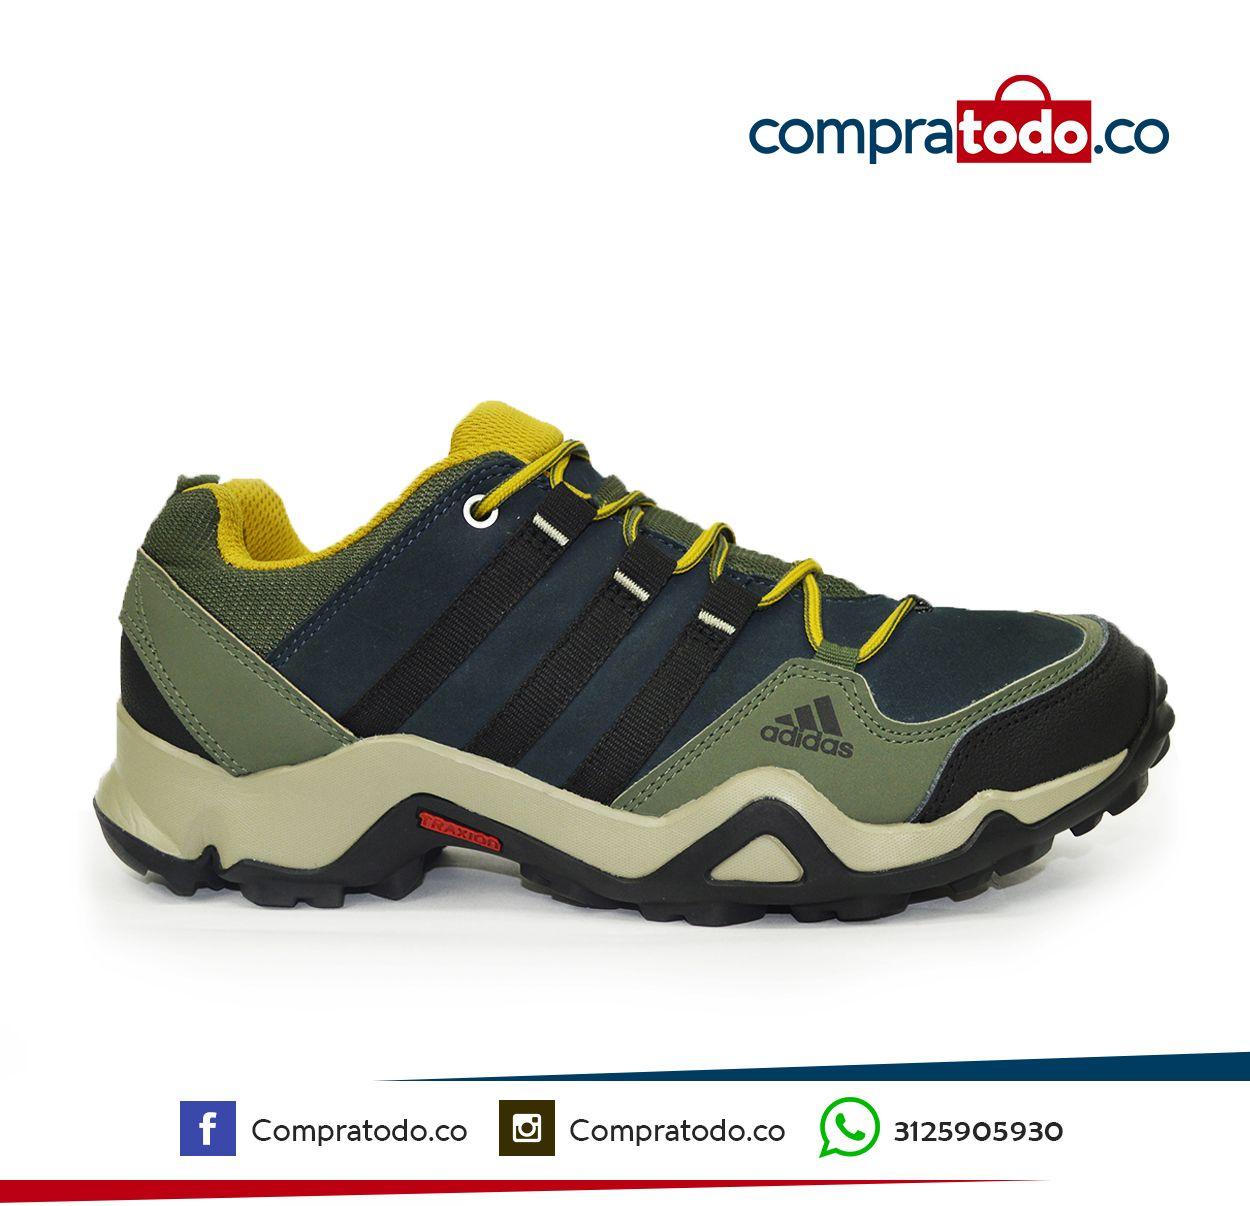 #Adidas Hombre  REF 0104 - $345.000   Envío GRATIS a toda Colombia  Para mas información de pedidos y Formas de Pago Vía Whatsapp: 3125905930